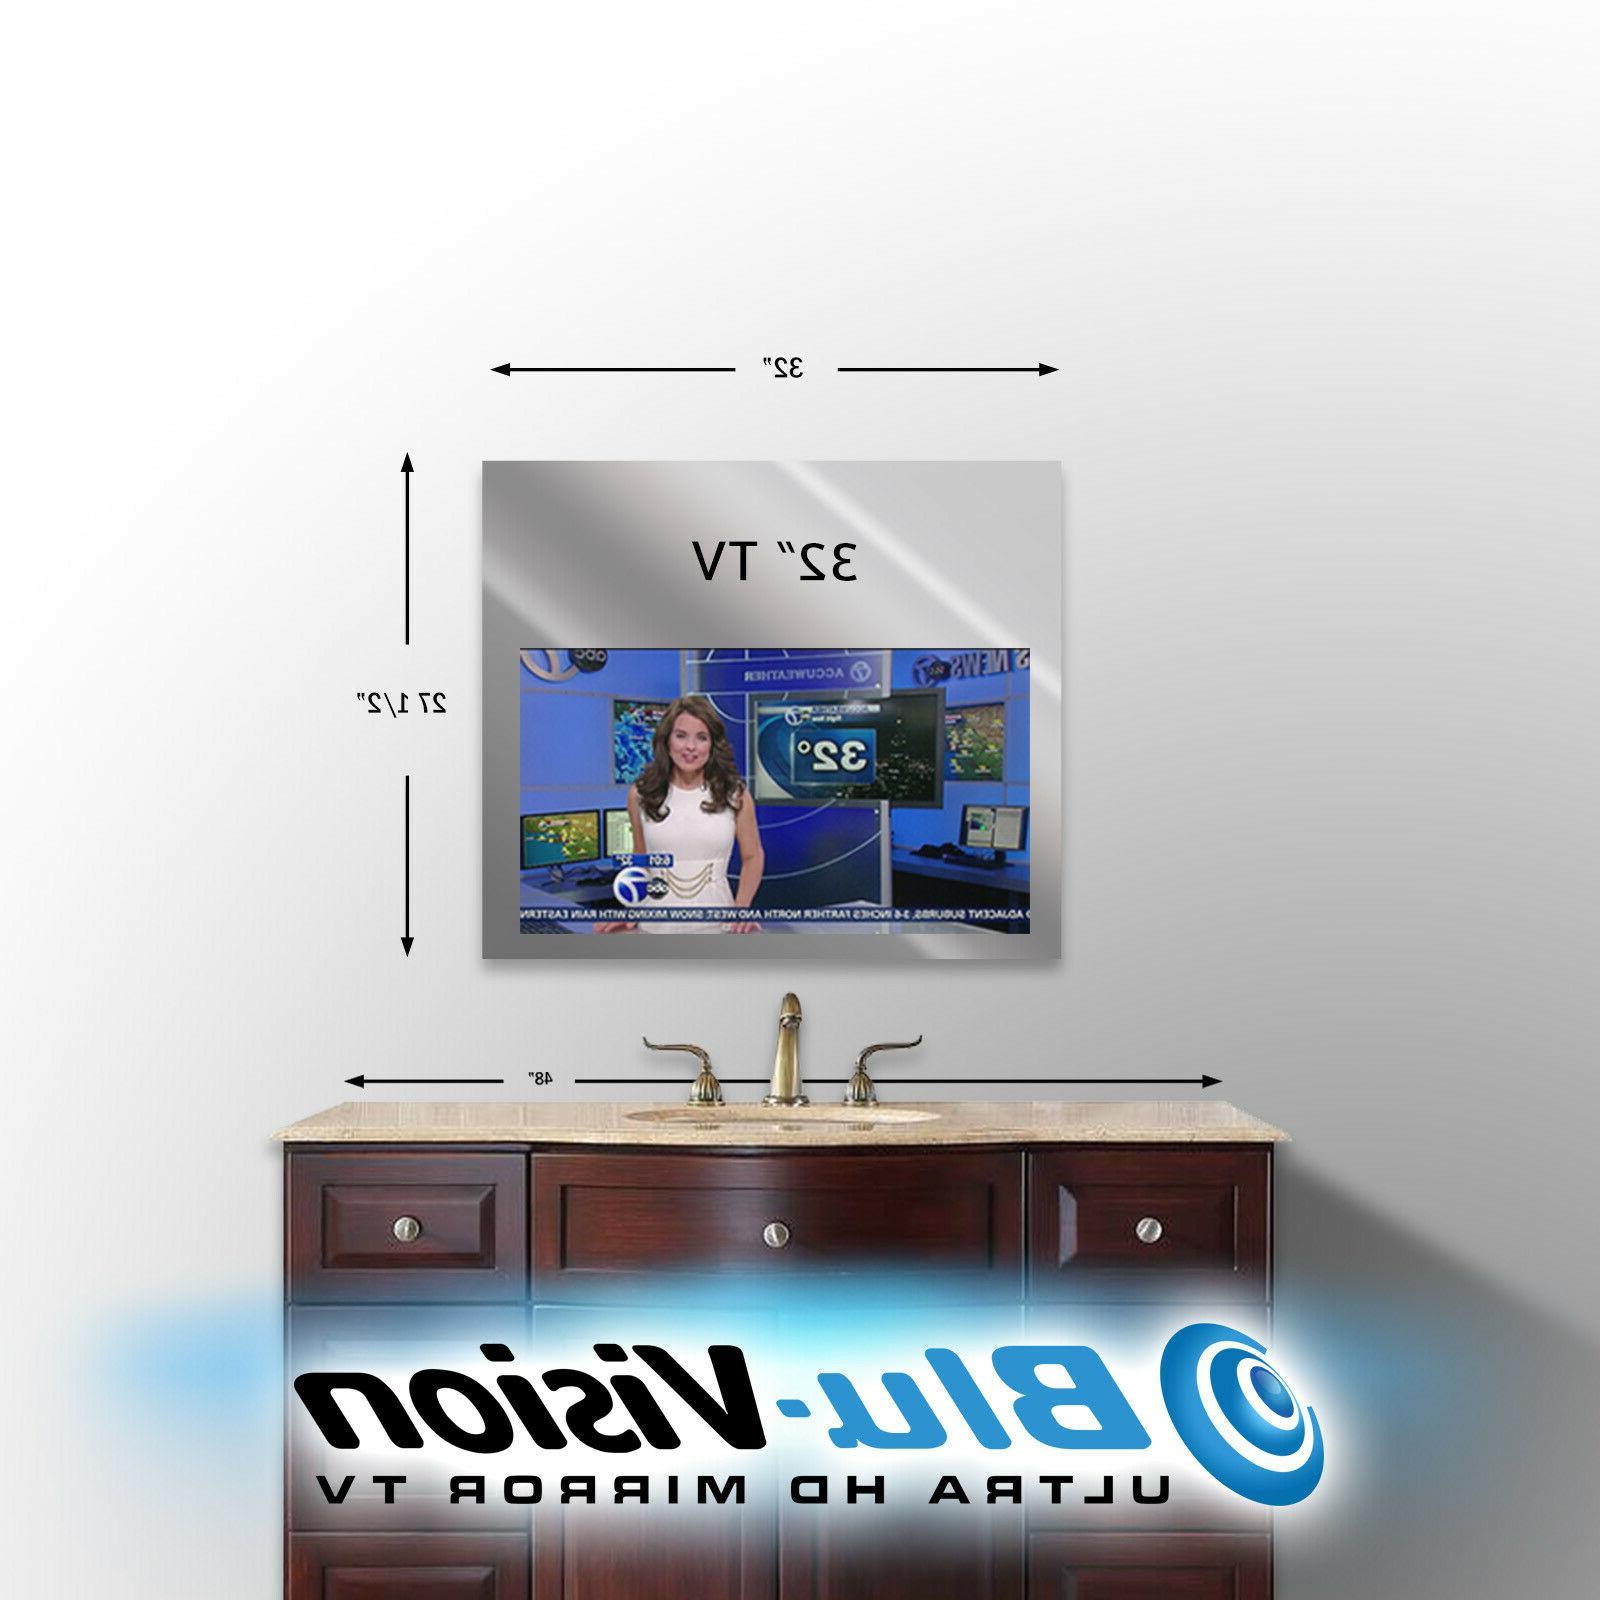 """VANITY TV LG 35 5/8"""" WIDE X 23 5/8 HIGH. SALE!"""